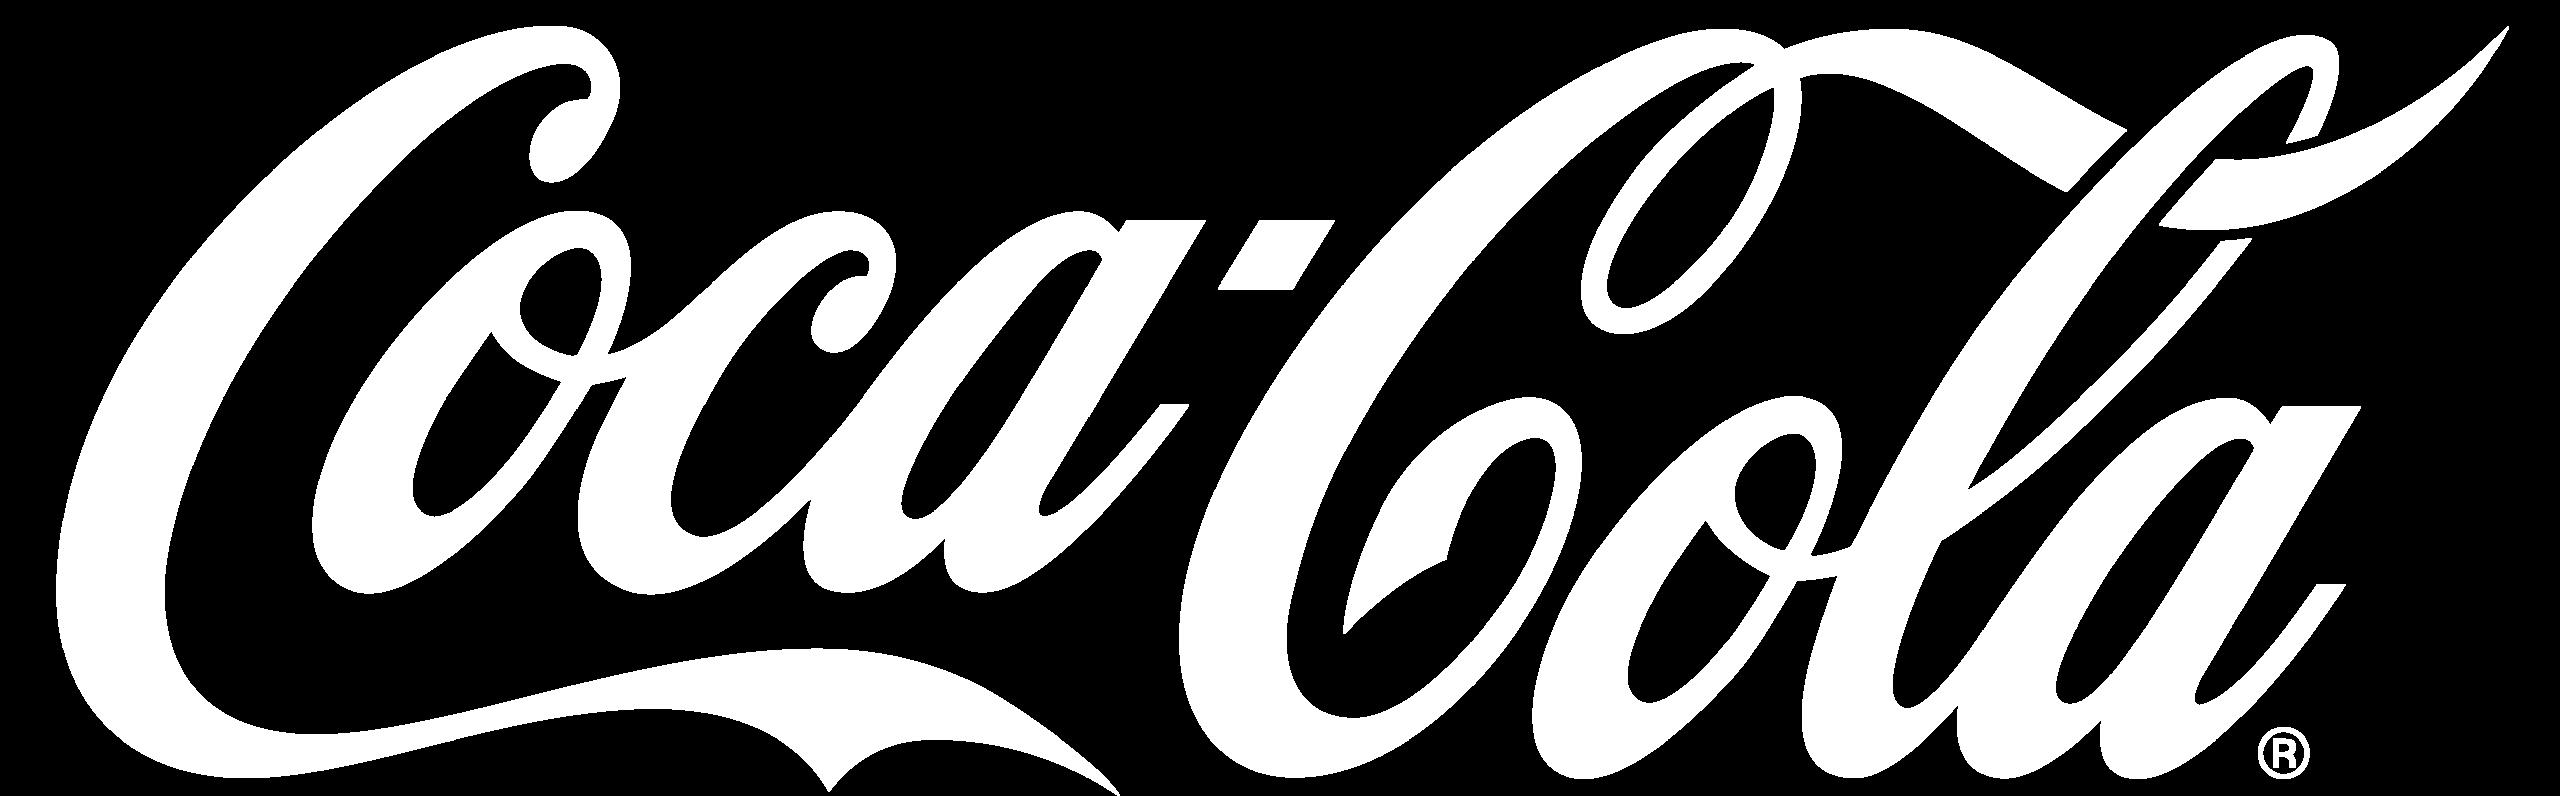 Coca-Cola Script Logo